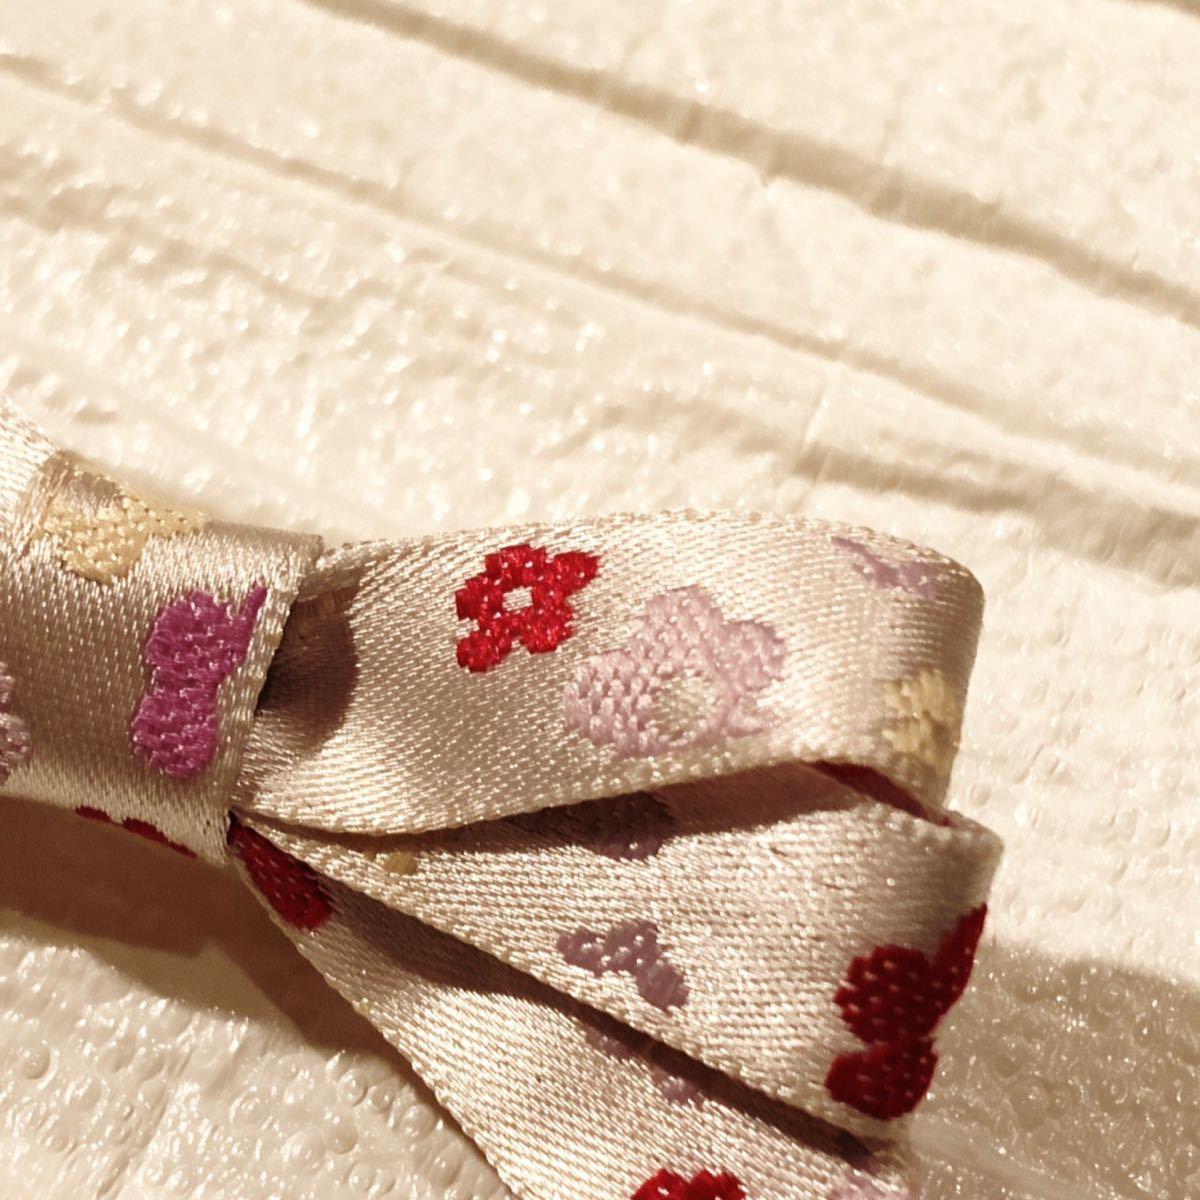 ハンドメイド 花の刺繍リボンクリップ ヘアピン ヘアアクセサリー〈新品未使用〉_画像4